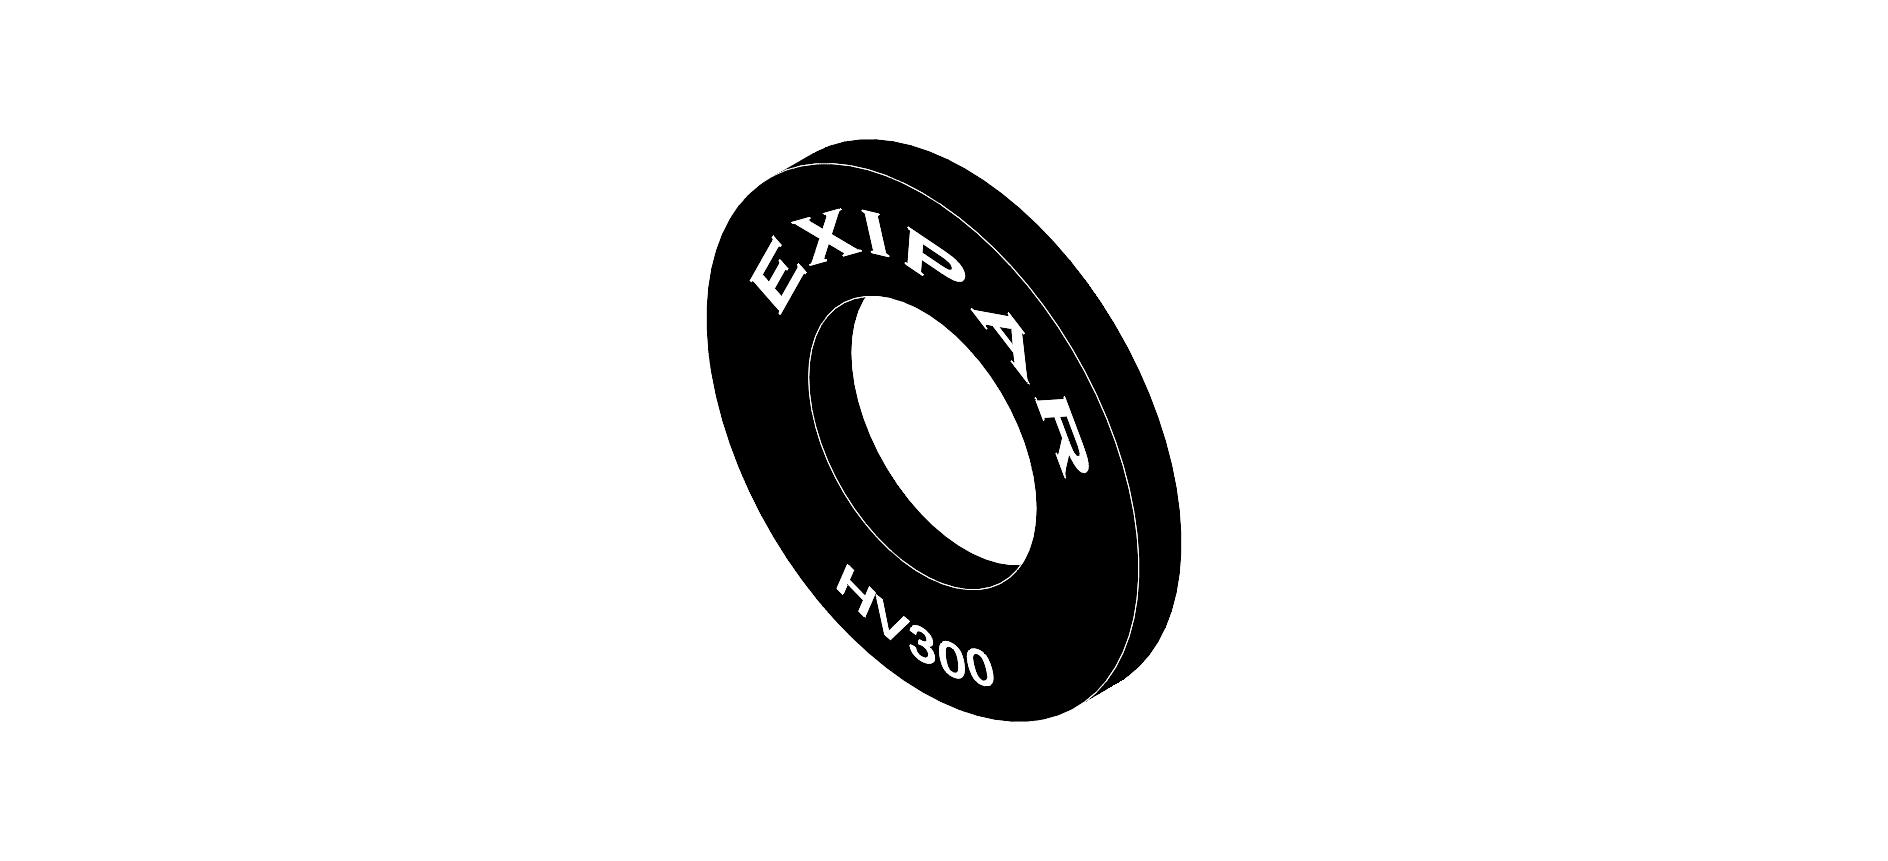 DIN HV300